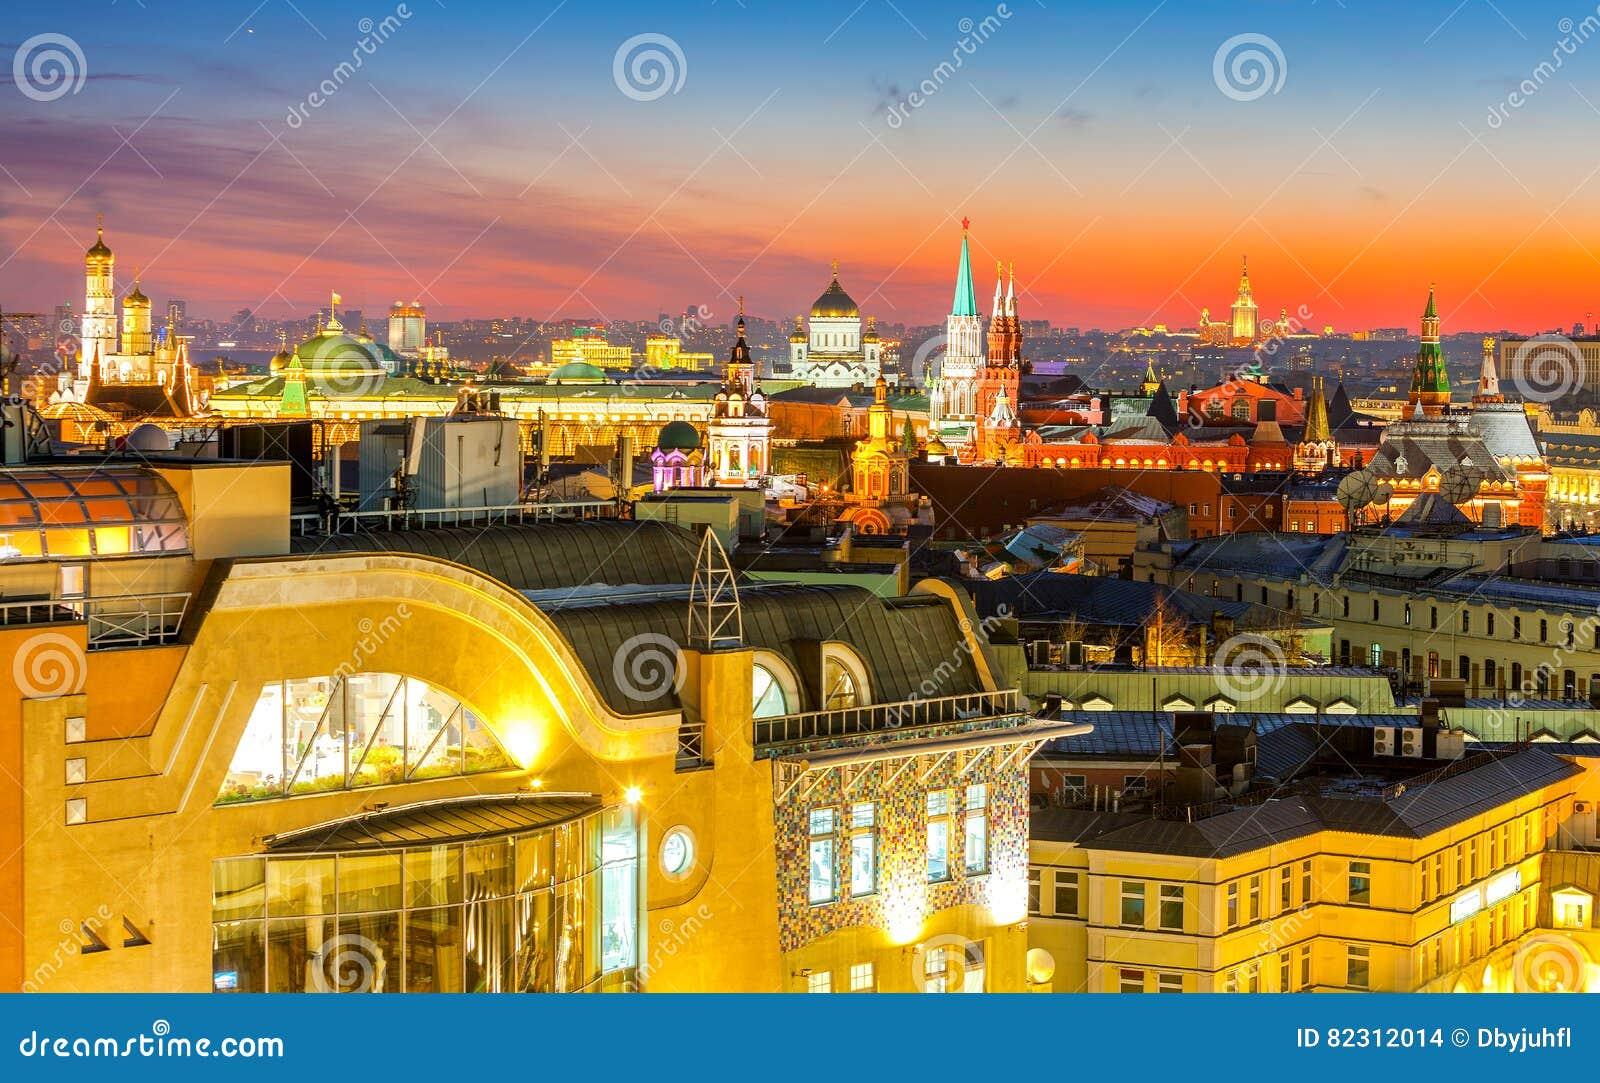 Nacht Moskou, type aan Moskou het Kremlin, Christus de Verlosserkathedraal, de klokketoren van St John Groot, de universiteit en